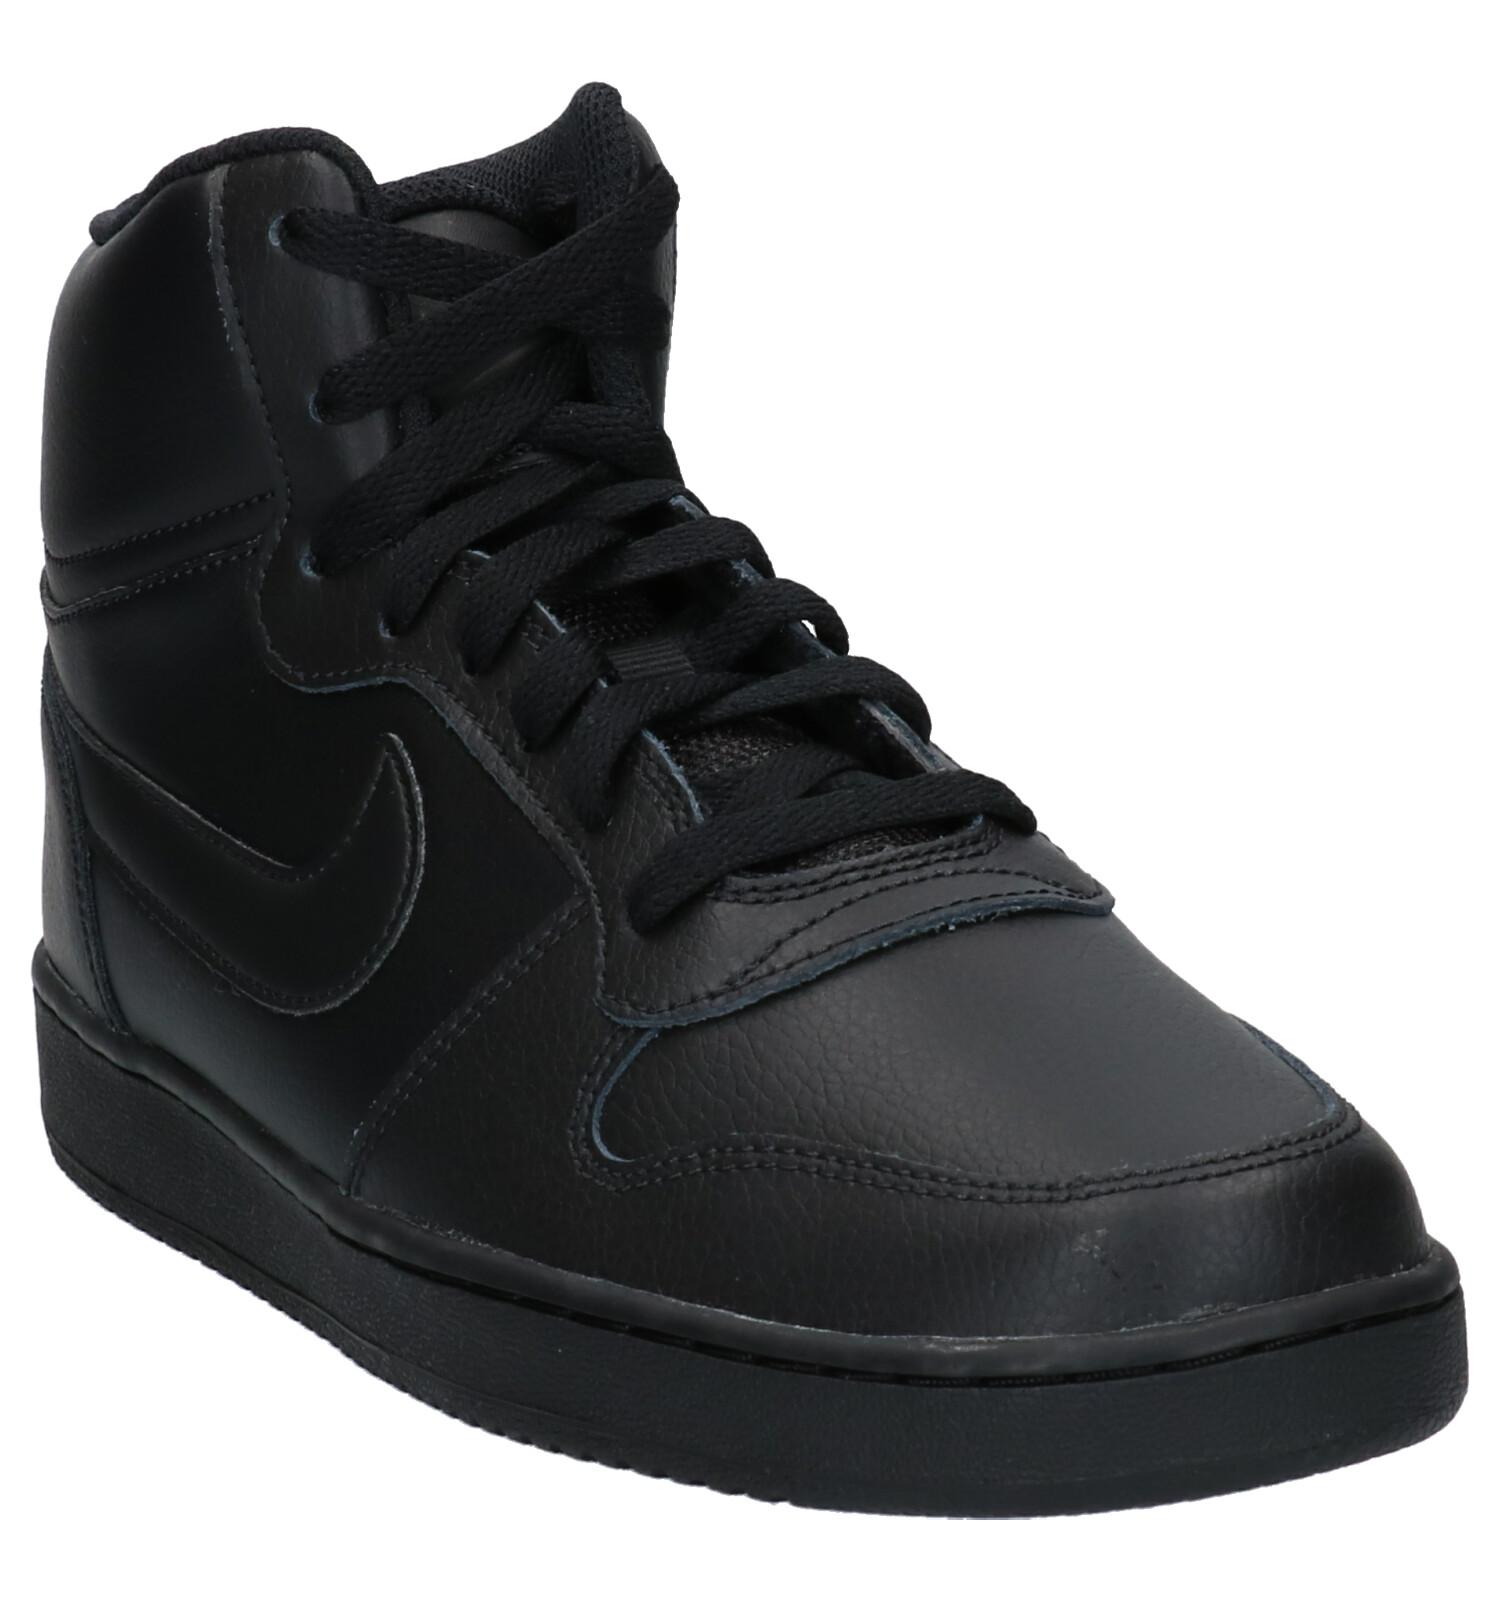 Ebernon Nike Nike Sneakers Zwarte Mid Ebernon bfyg76Yv